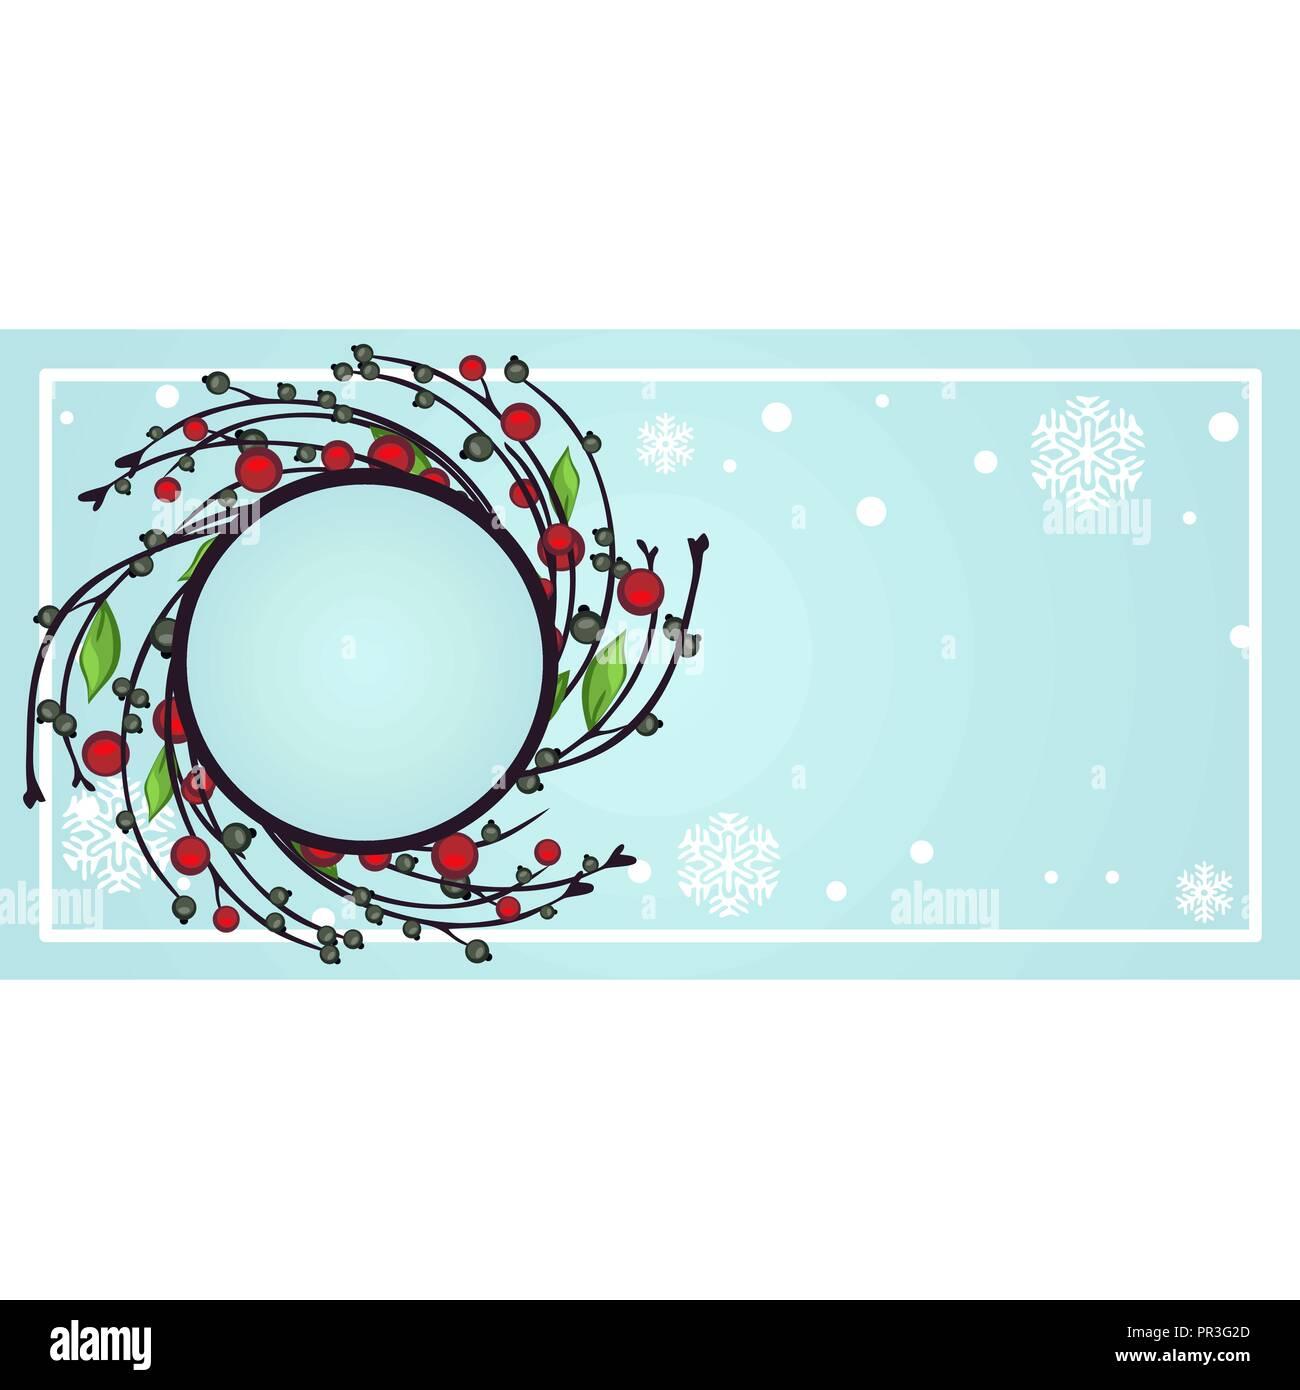 Ejemplo De Diseño De Etiqueta Con Atributos De Navidad Y Año